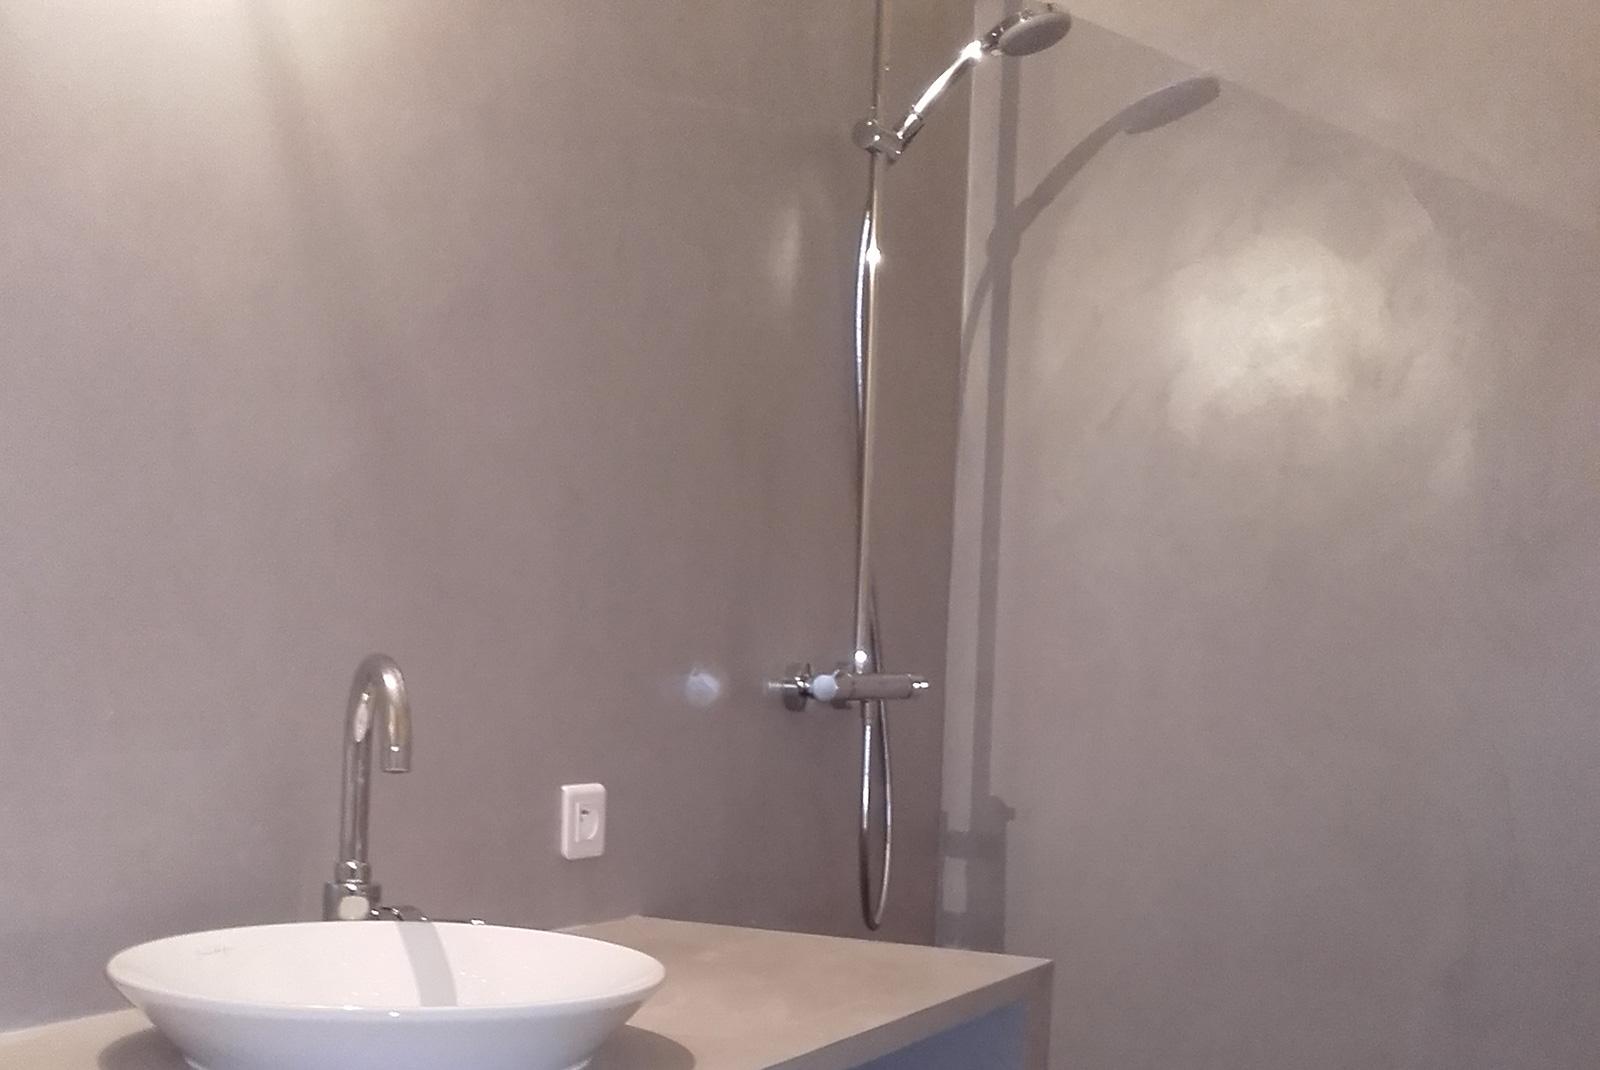 R novation de votre salle de bain entreprise thierry triaire for Presentation salle de bain